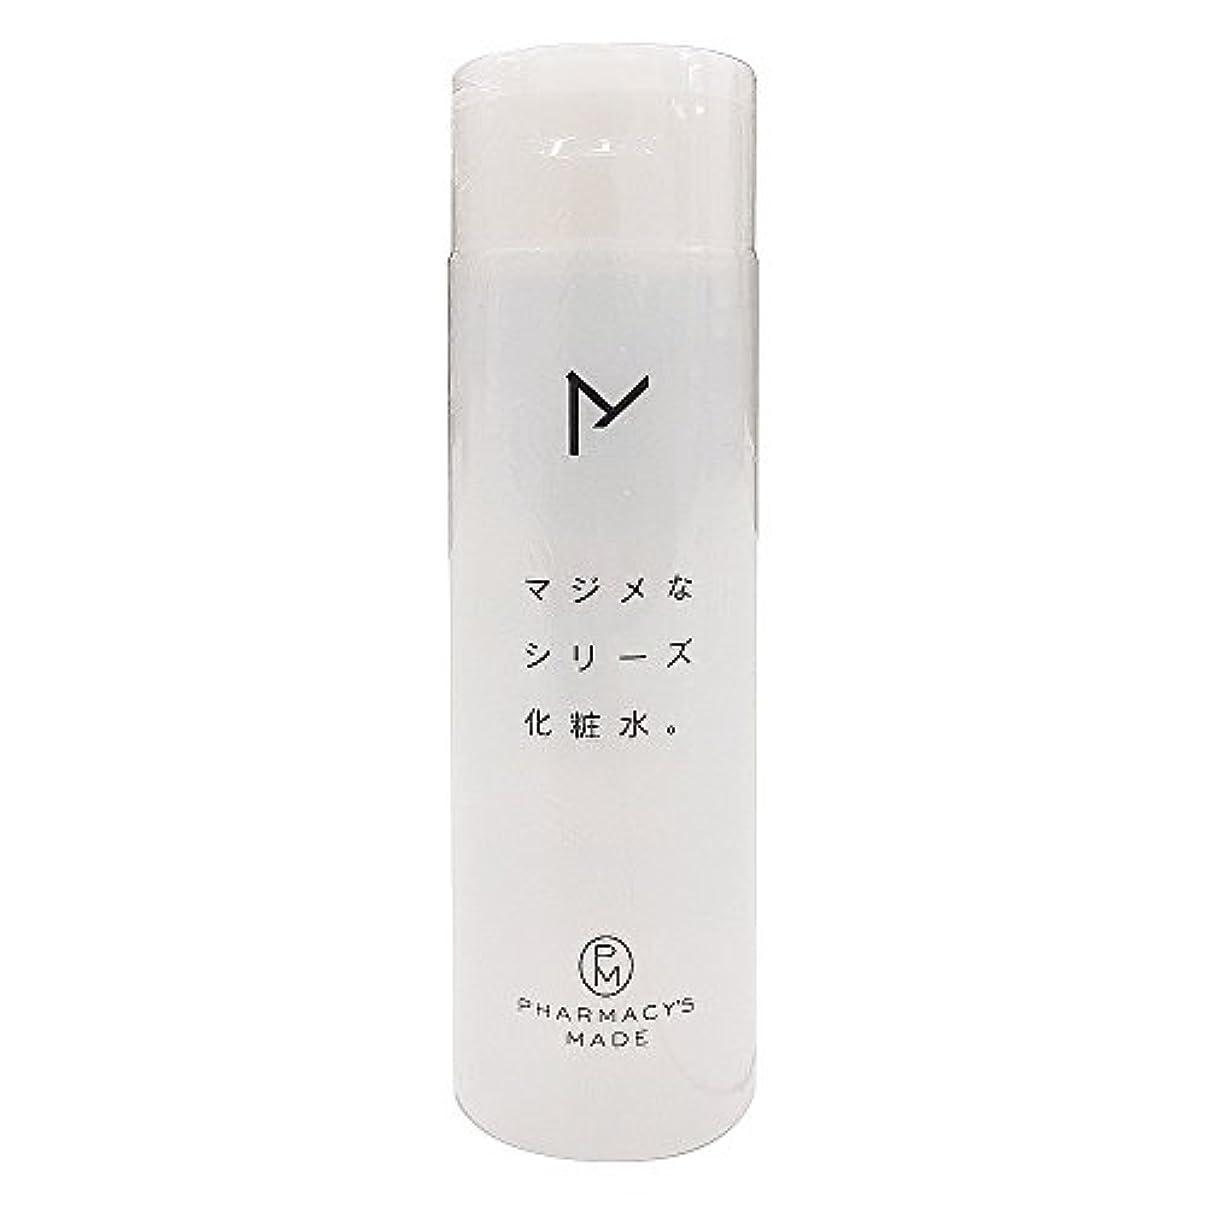 よろめくこだわり広範囲水橋保寿堂製薬 マジメなシリーズ化粧水。 200ml